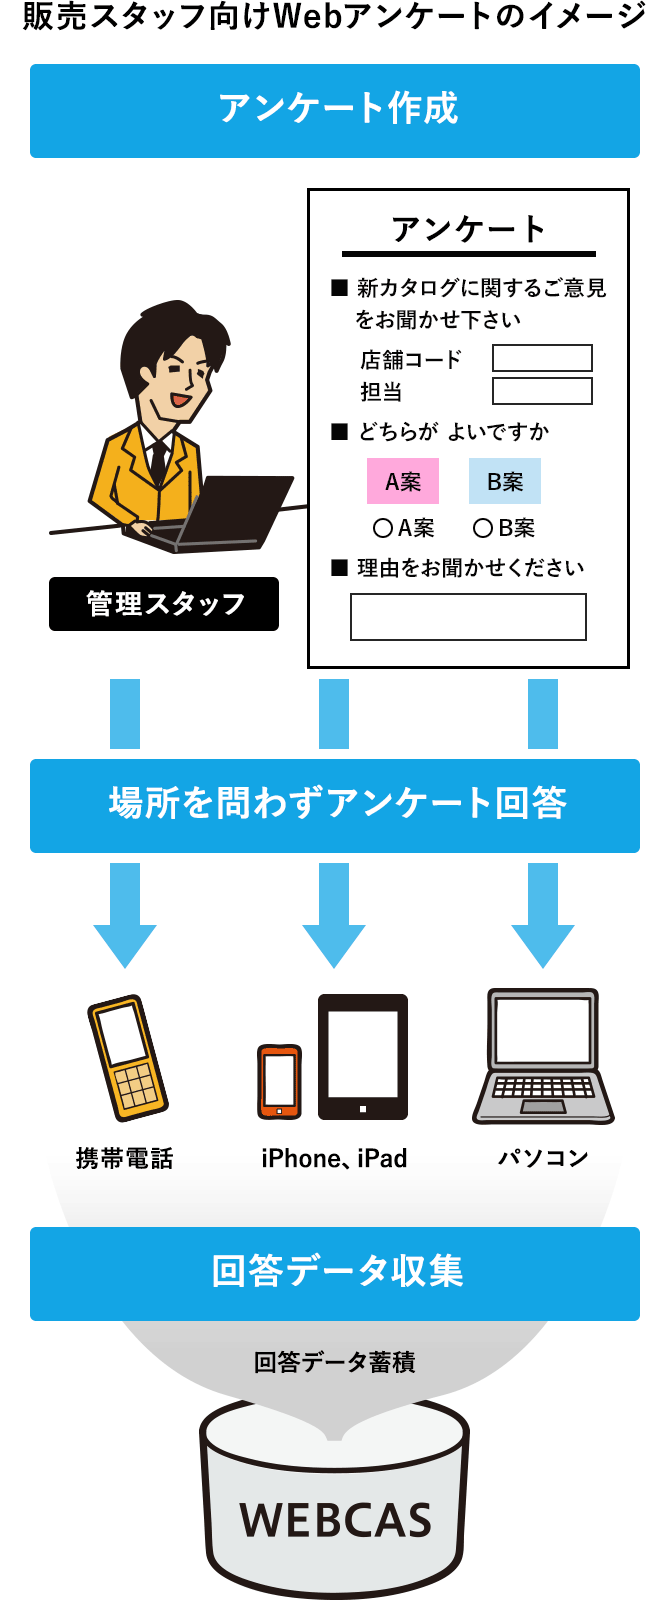 販売スタッフ向けWebアンケートのイメージ